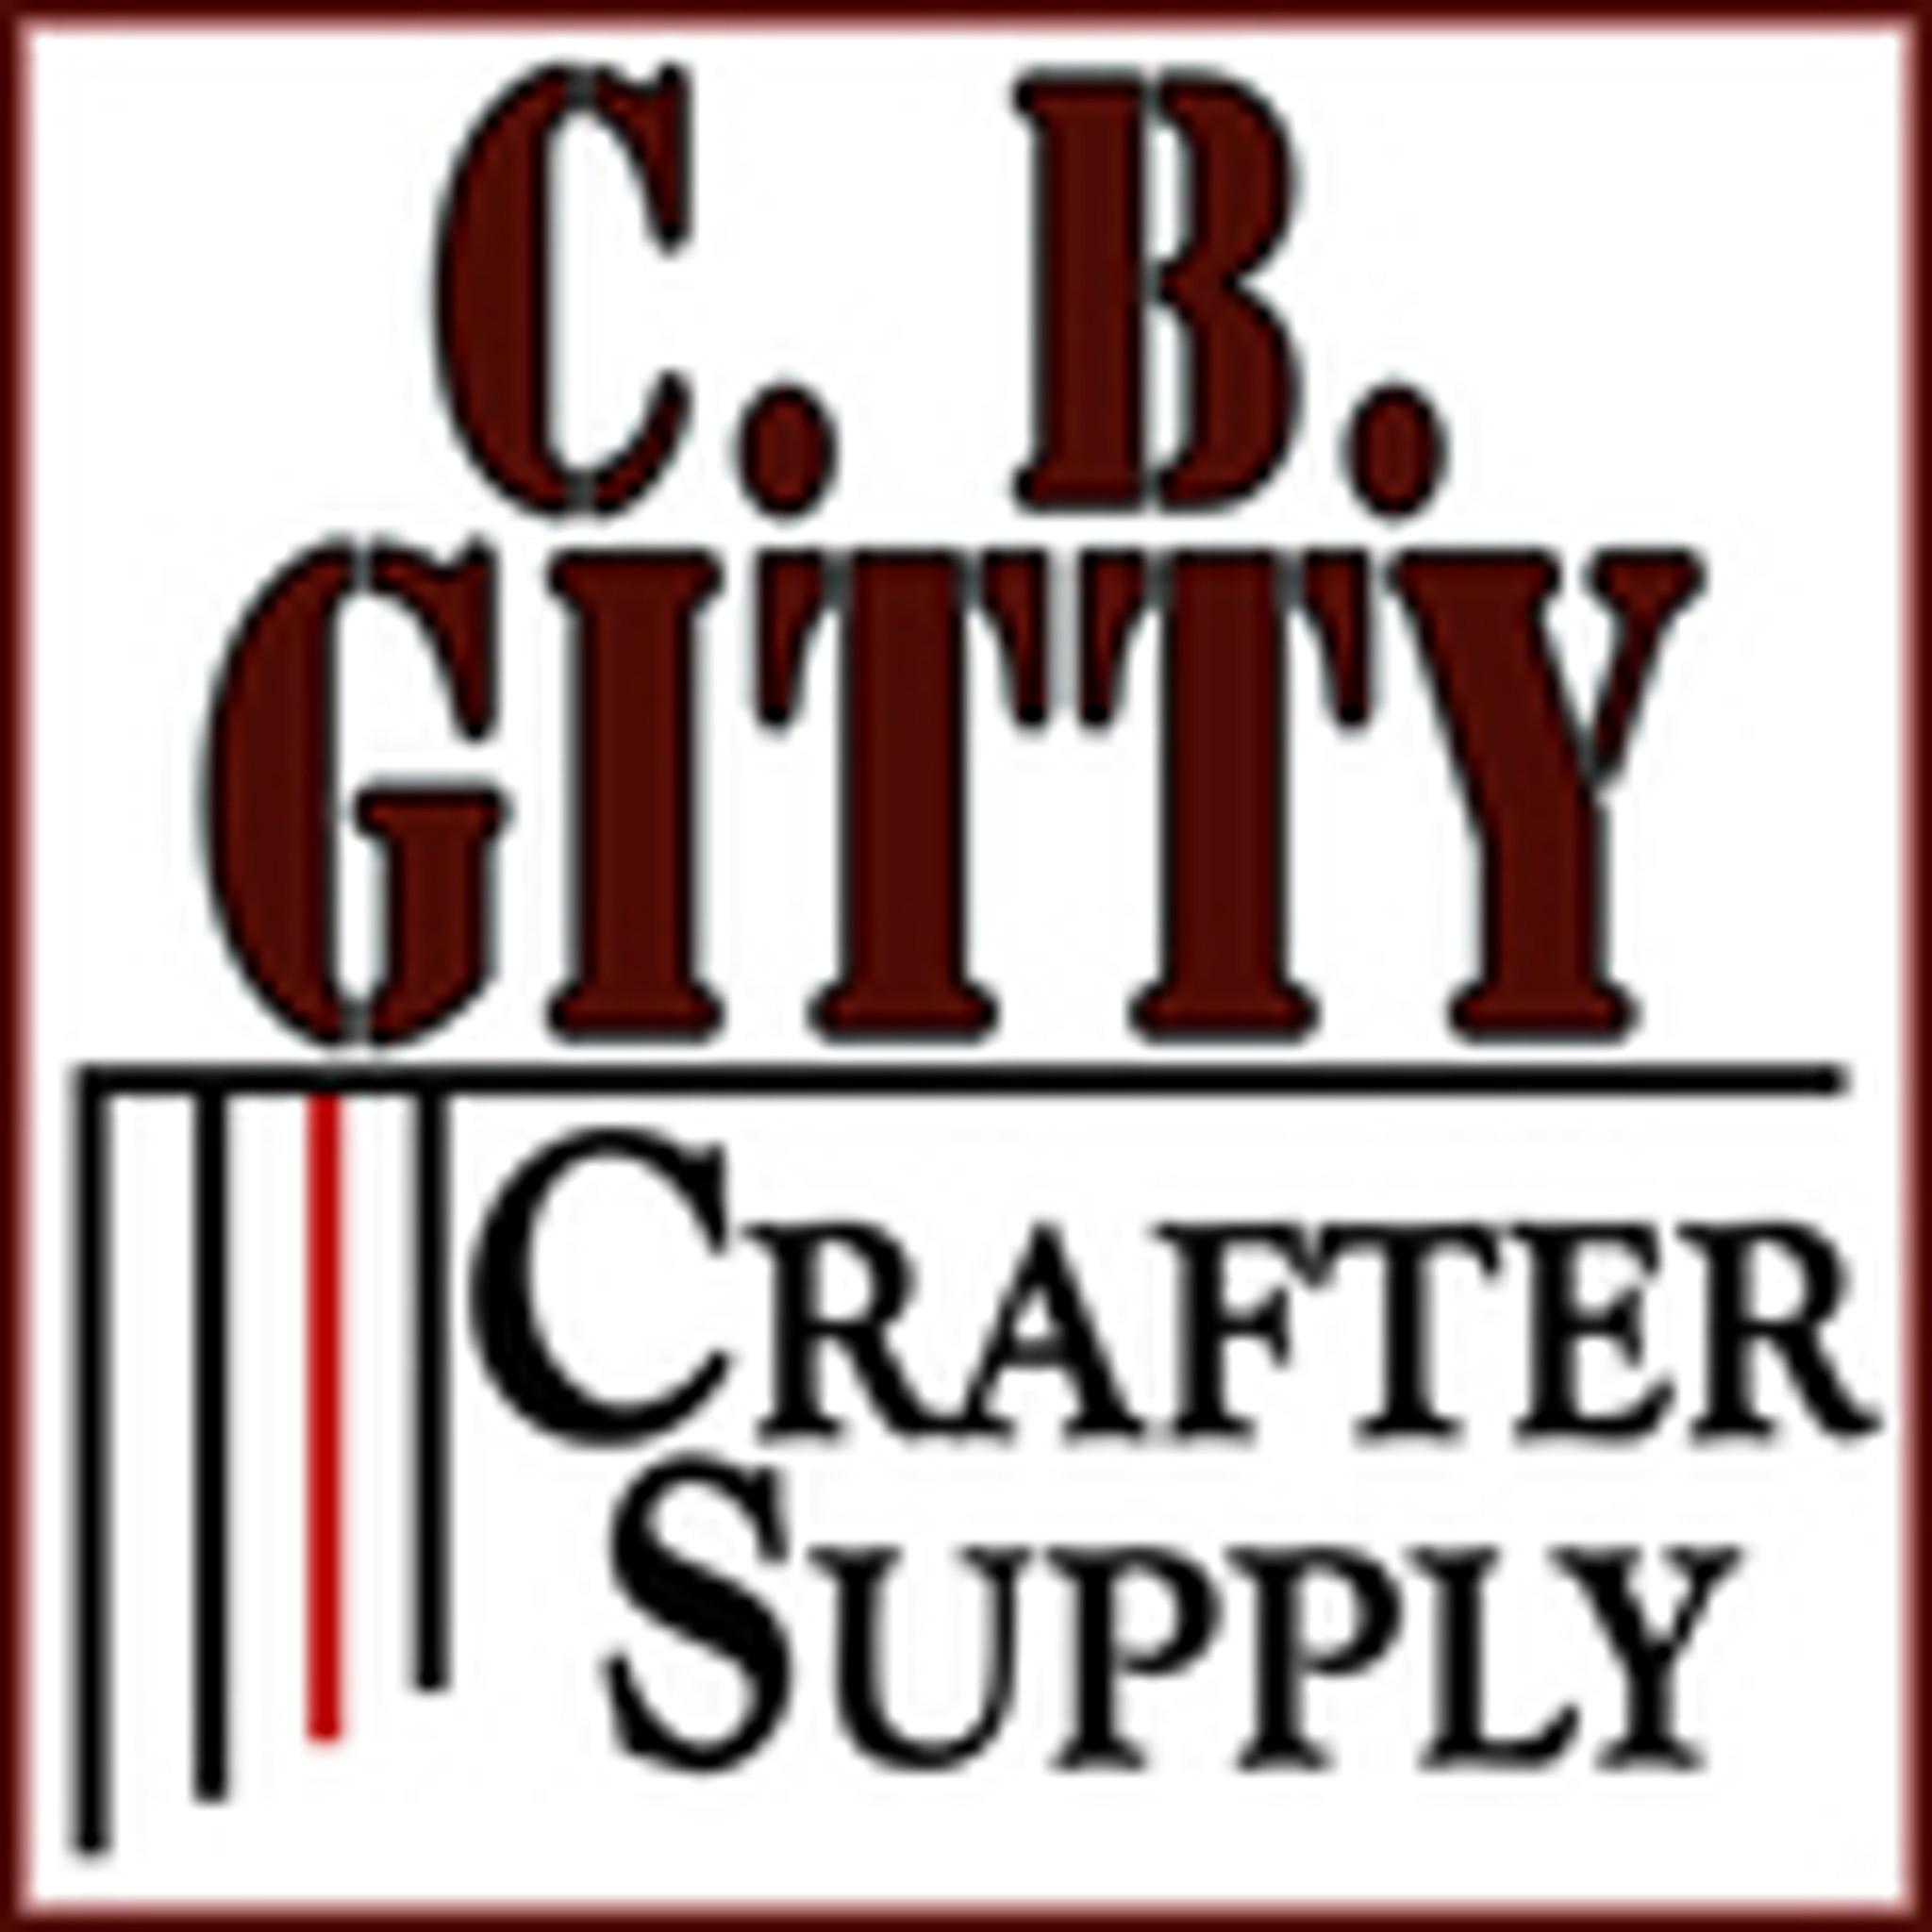 C. B. Gitty